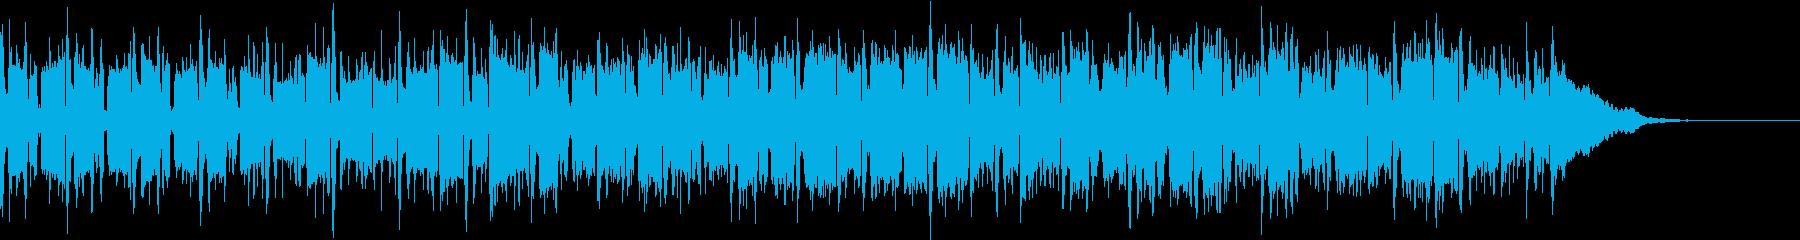 Pf「螺旋」和風現代ジャズの再生済みの波形